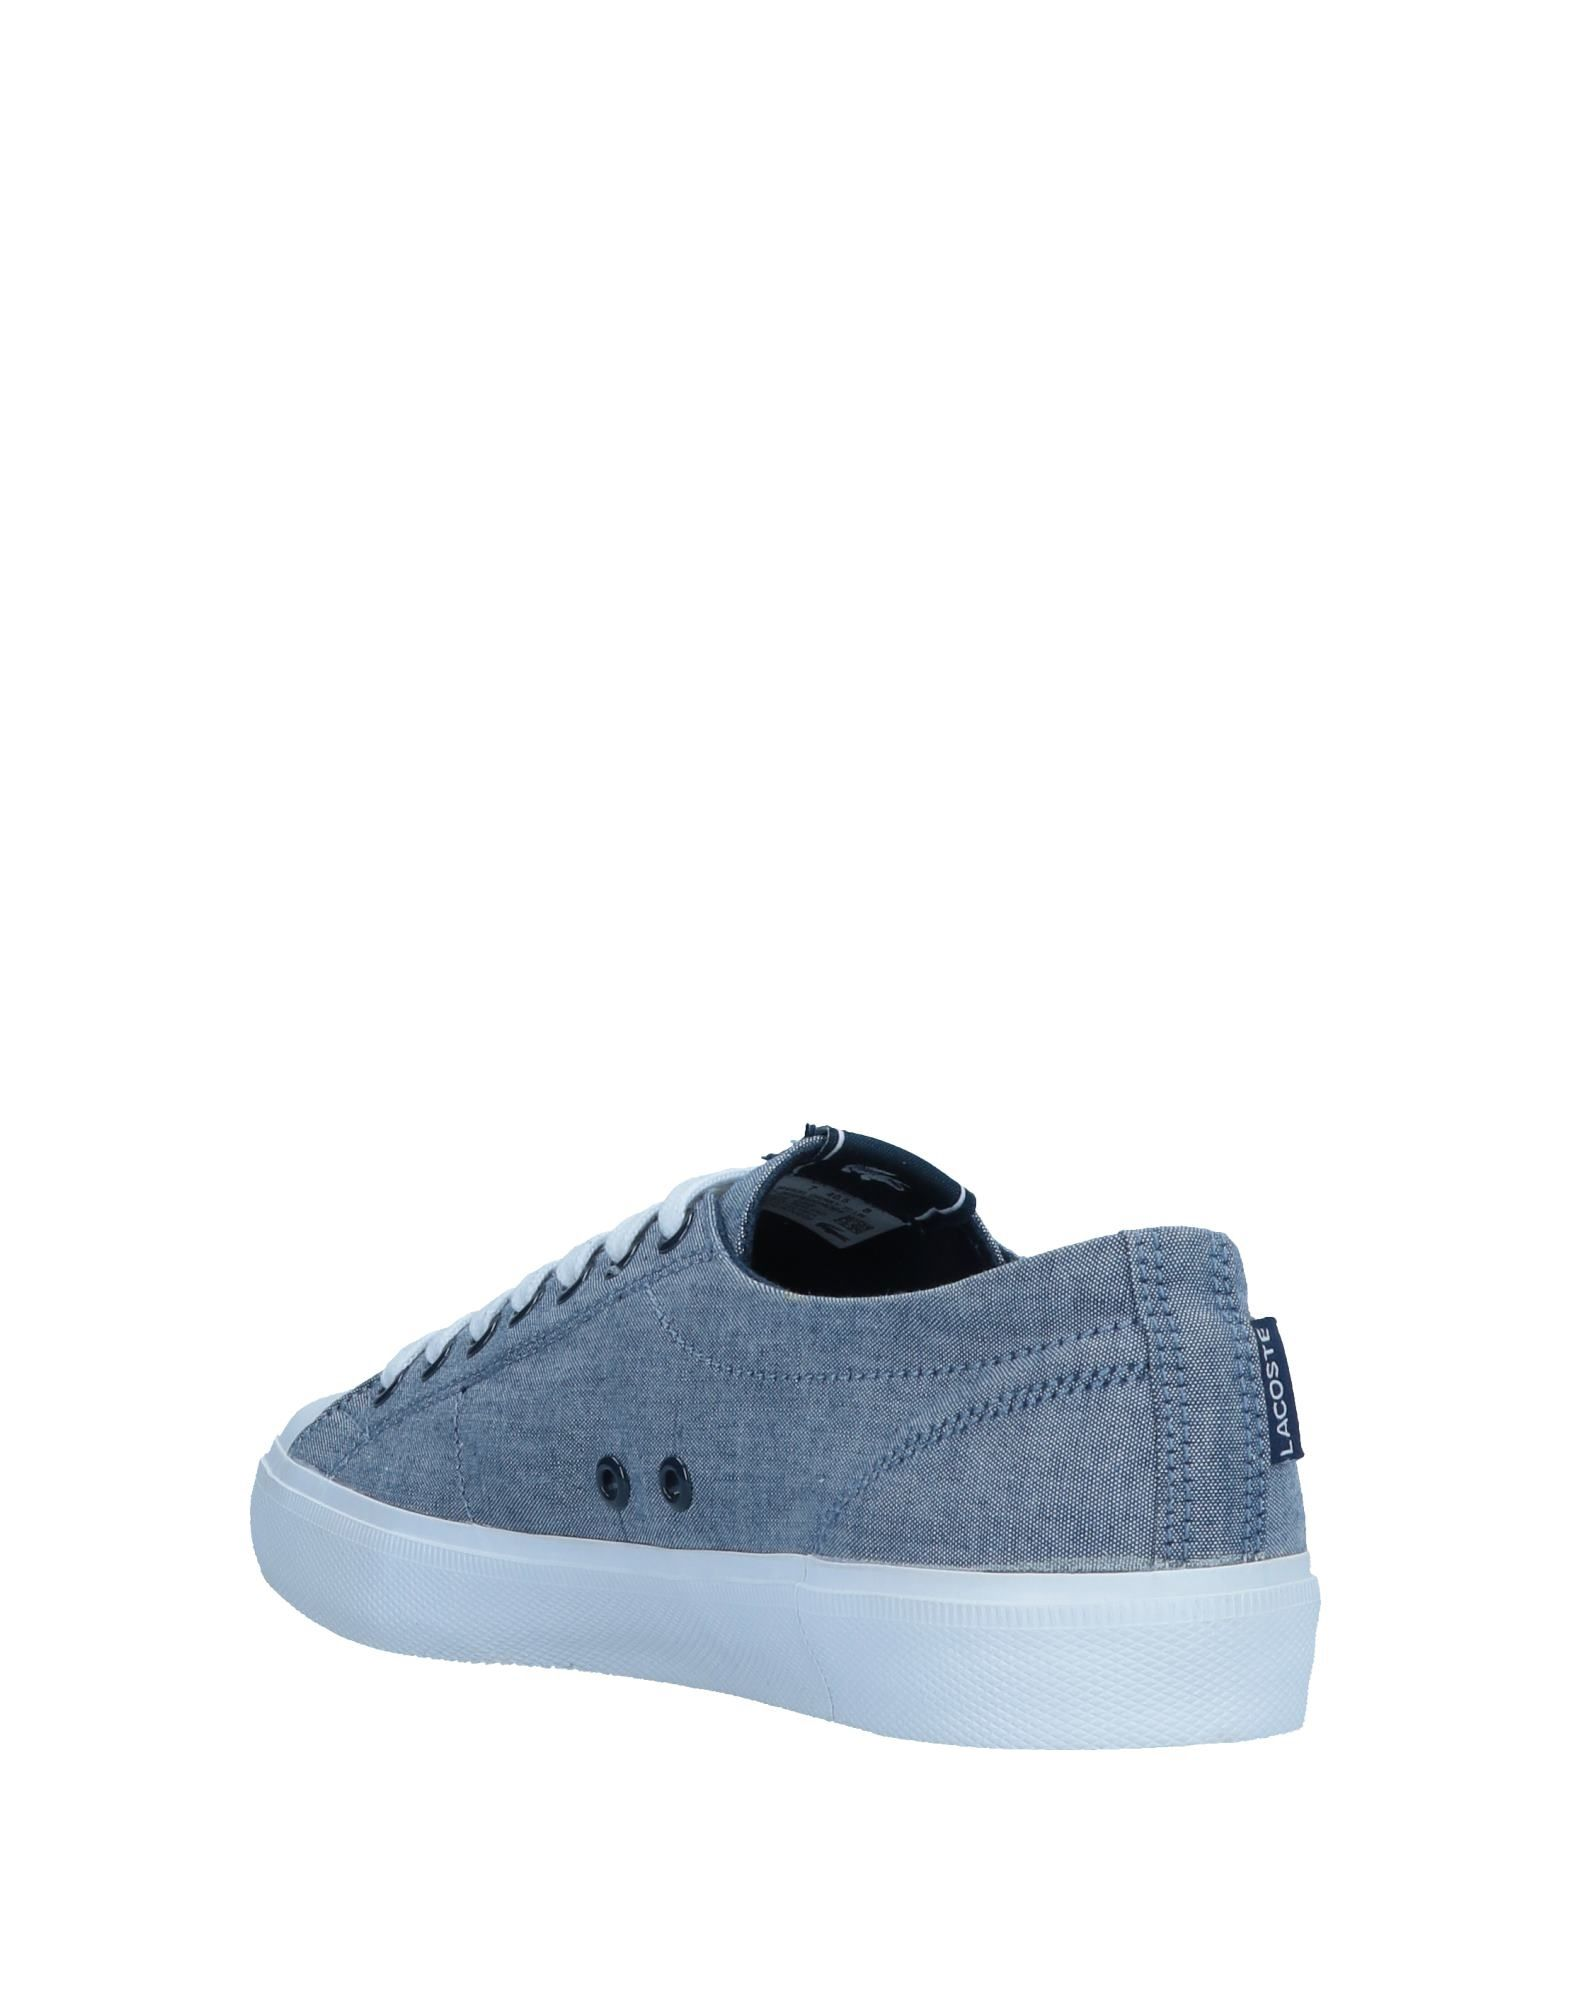 Lacoste Sport Sneakers - Men Lacoste Sport Sneakers online 11546944DB on  Canada - 11546944DB online c16389